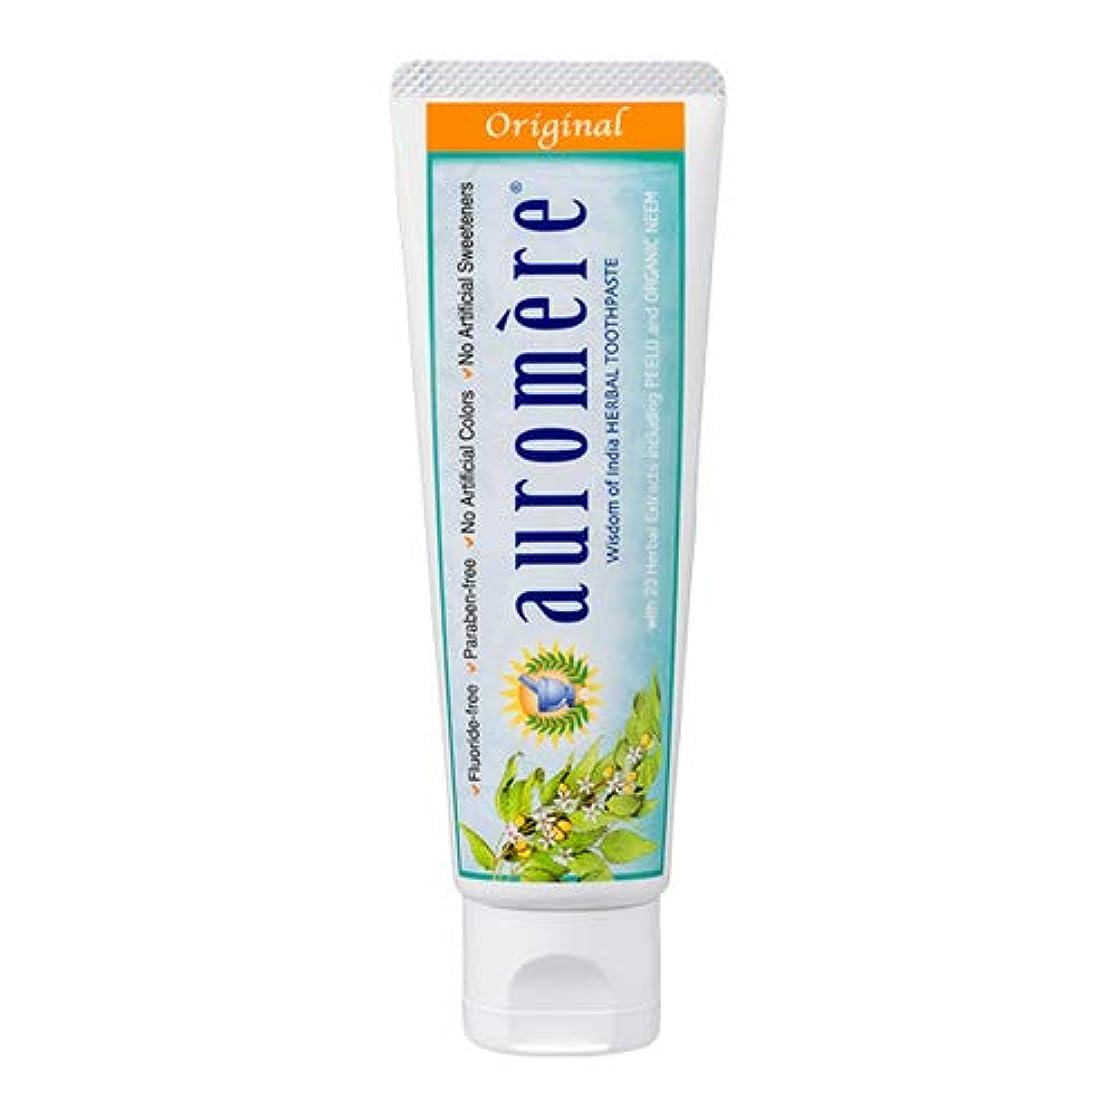 説得刻む不健康オーロメア 歯磨き粉 オリジナル 70g